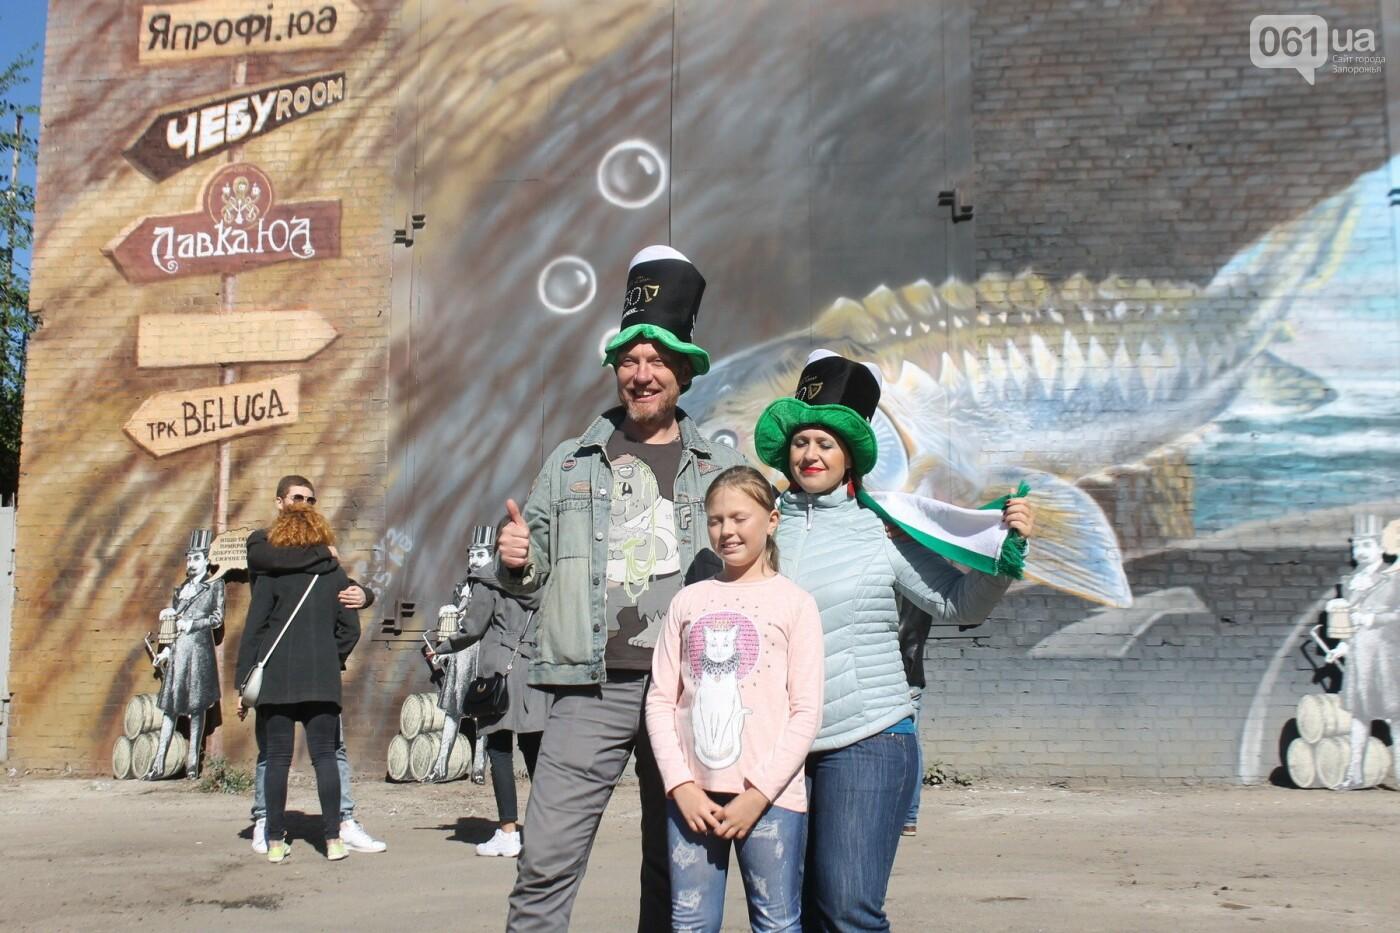 Как в Запорожье прошел пивной фестиваль «Beluga Beer fest», – ФОТОРЕПОРТАЖ, фото-7